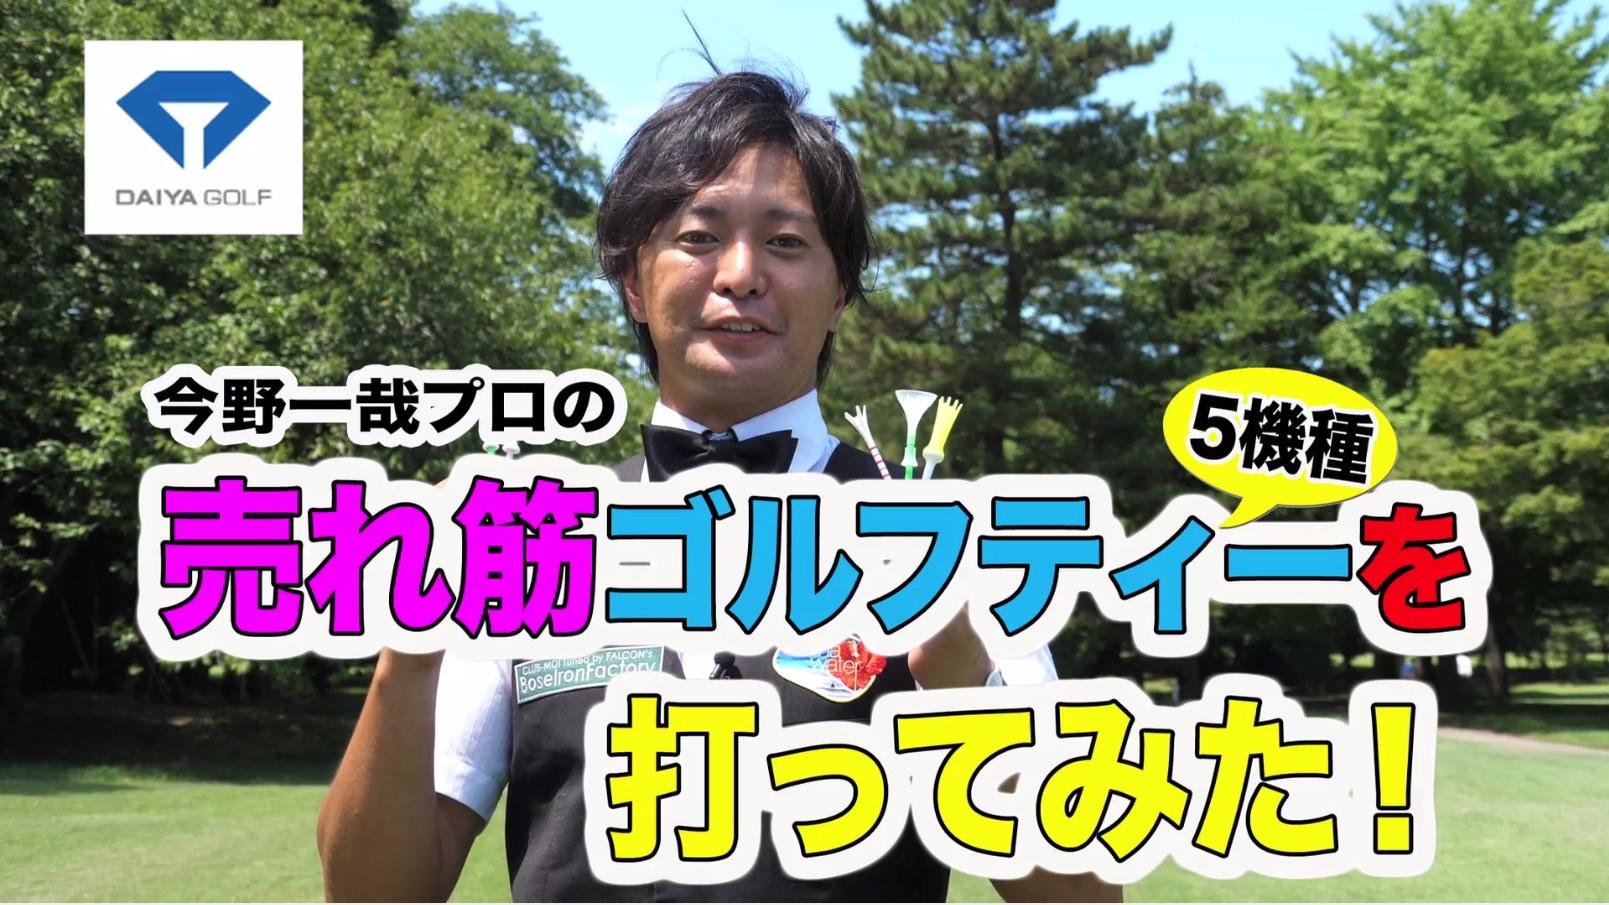 【動画】(プレゼント付き)ダイヤゴルフの売れ筋ティー5機種を試打検証!【PR】